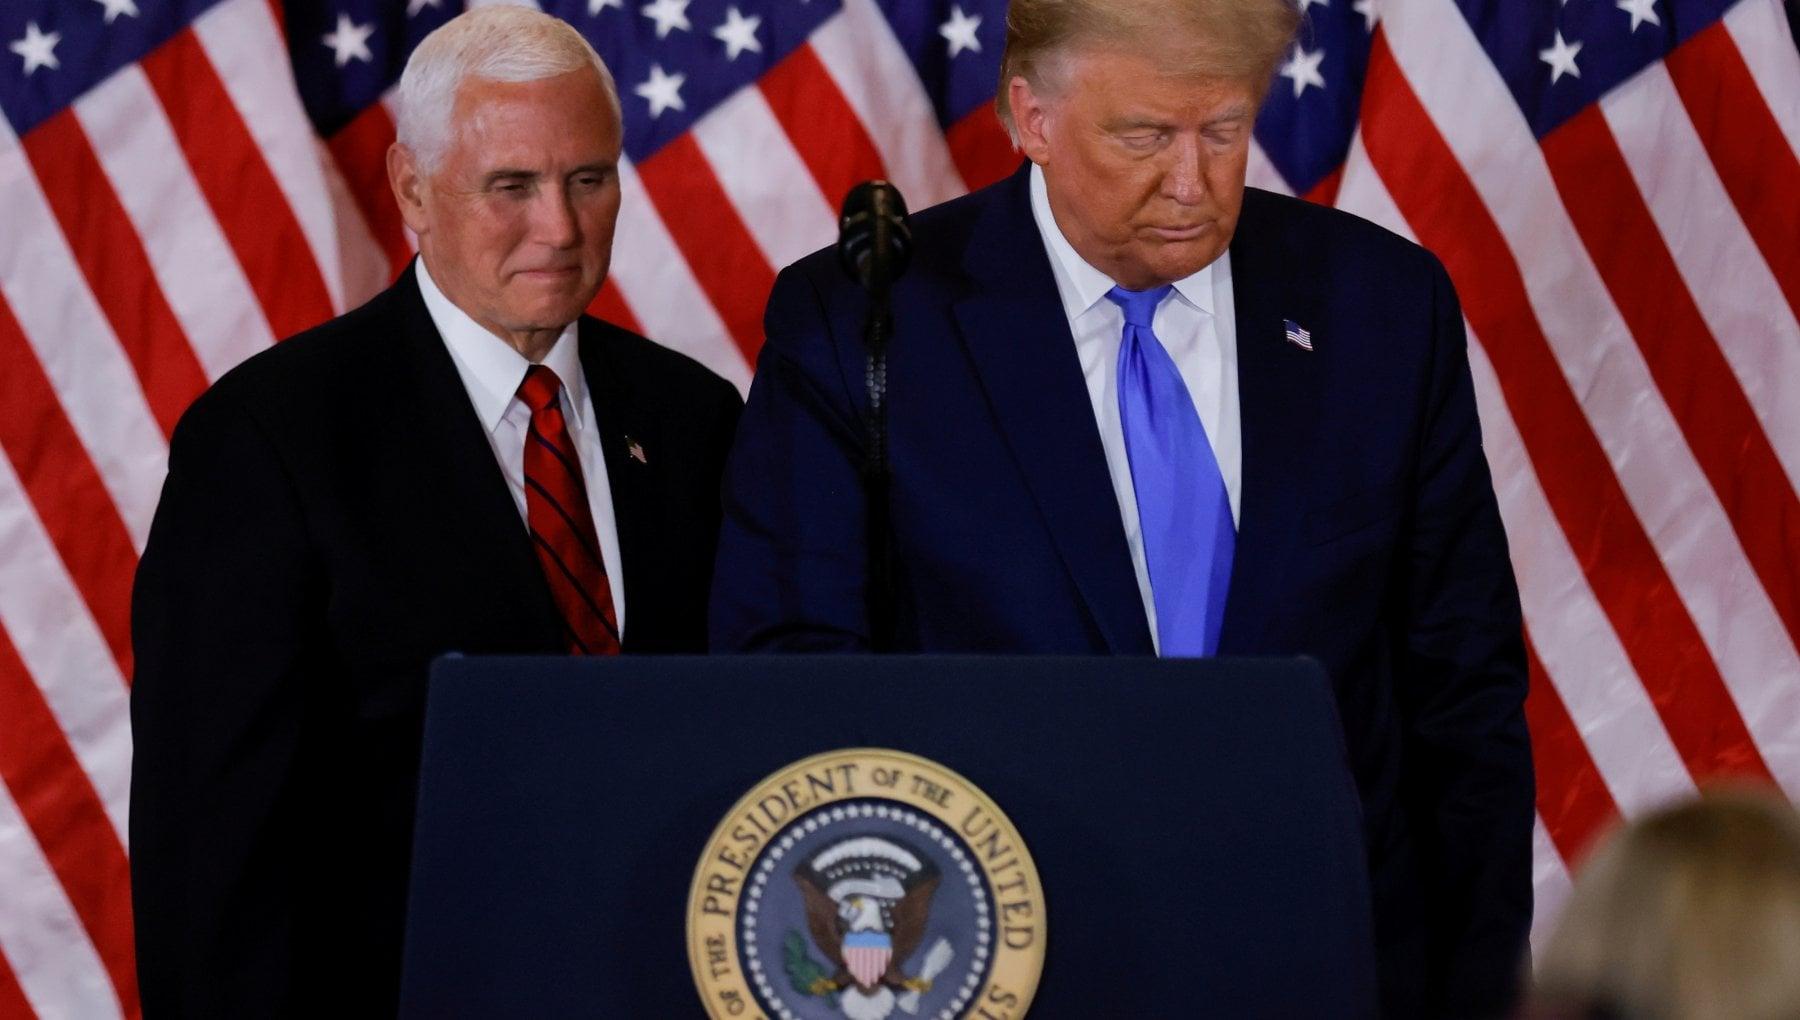 La corsa dei democratici contro il presidente Non puo restare fino al 20 gennaio